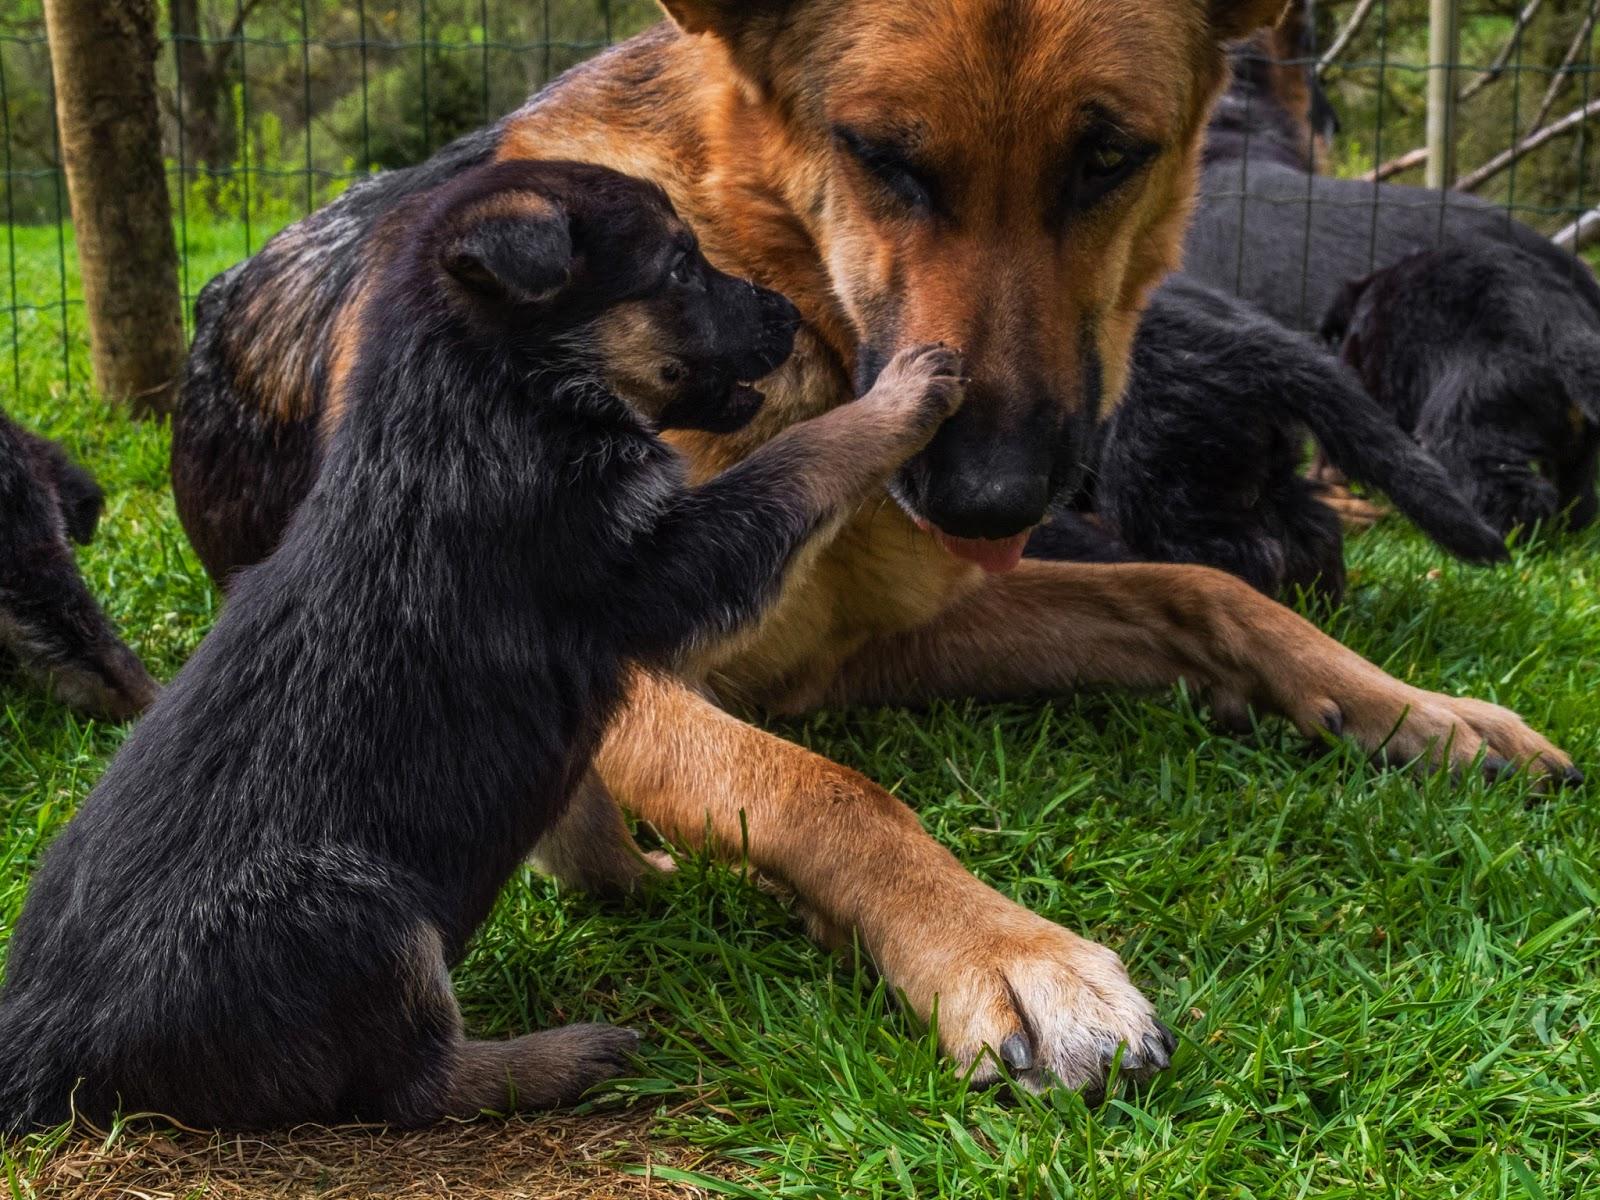 4 week old German Shepherd puppy pawing mom's nose.